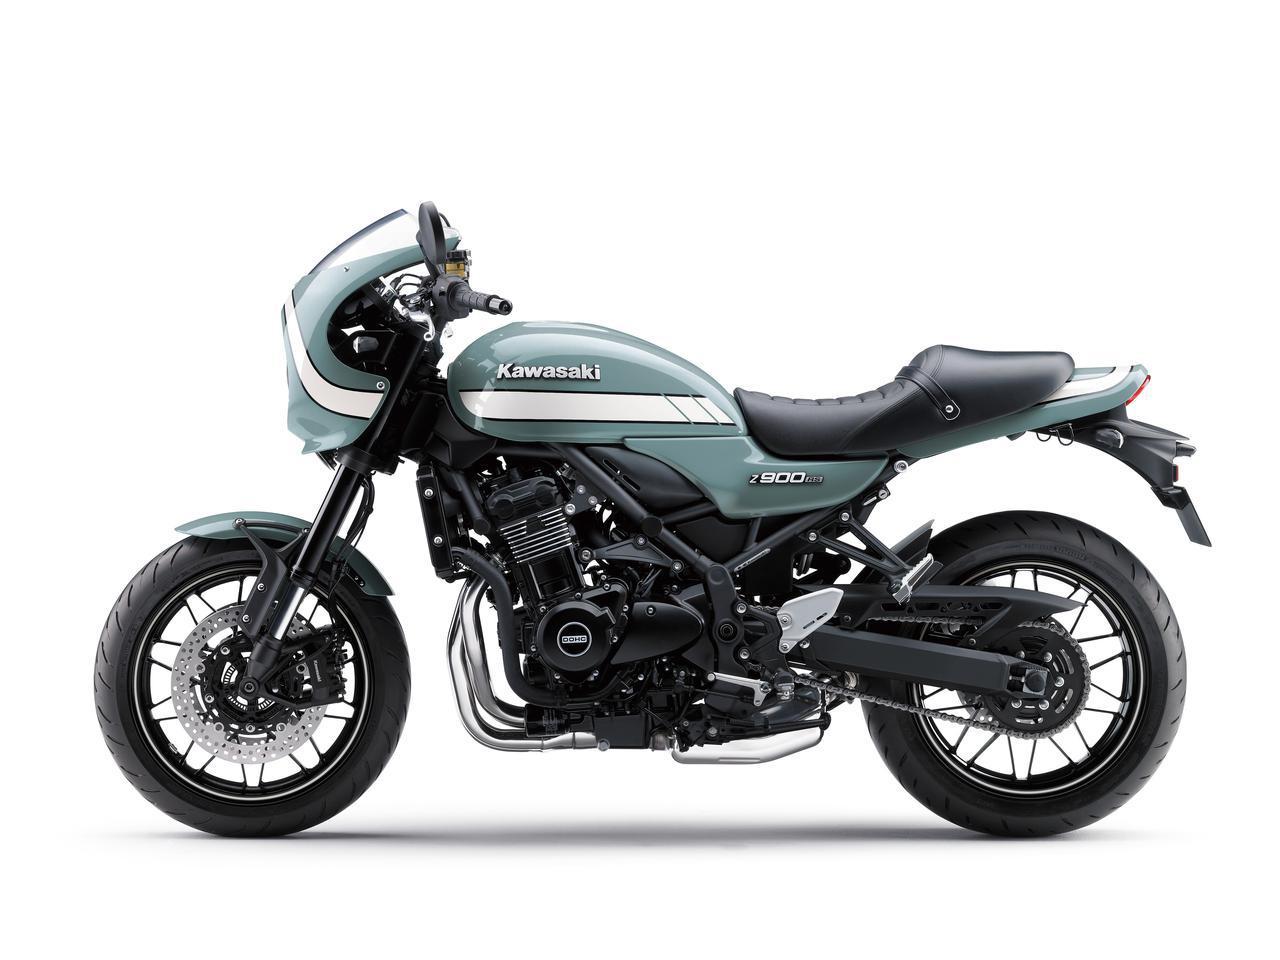 画像11: カワサキが「Z900RS CAFE」の新色を発売! Z900RSシリーズの2021年モデルと2020年モデルを比較してみよう【2021速報】